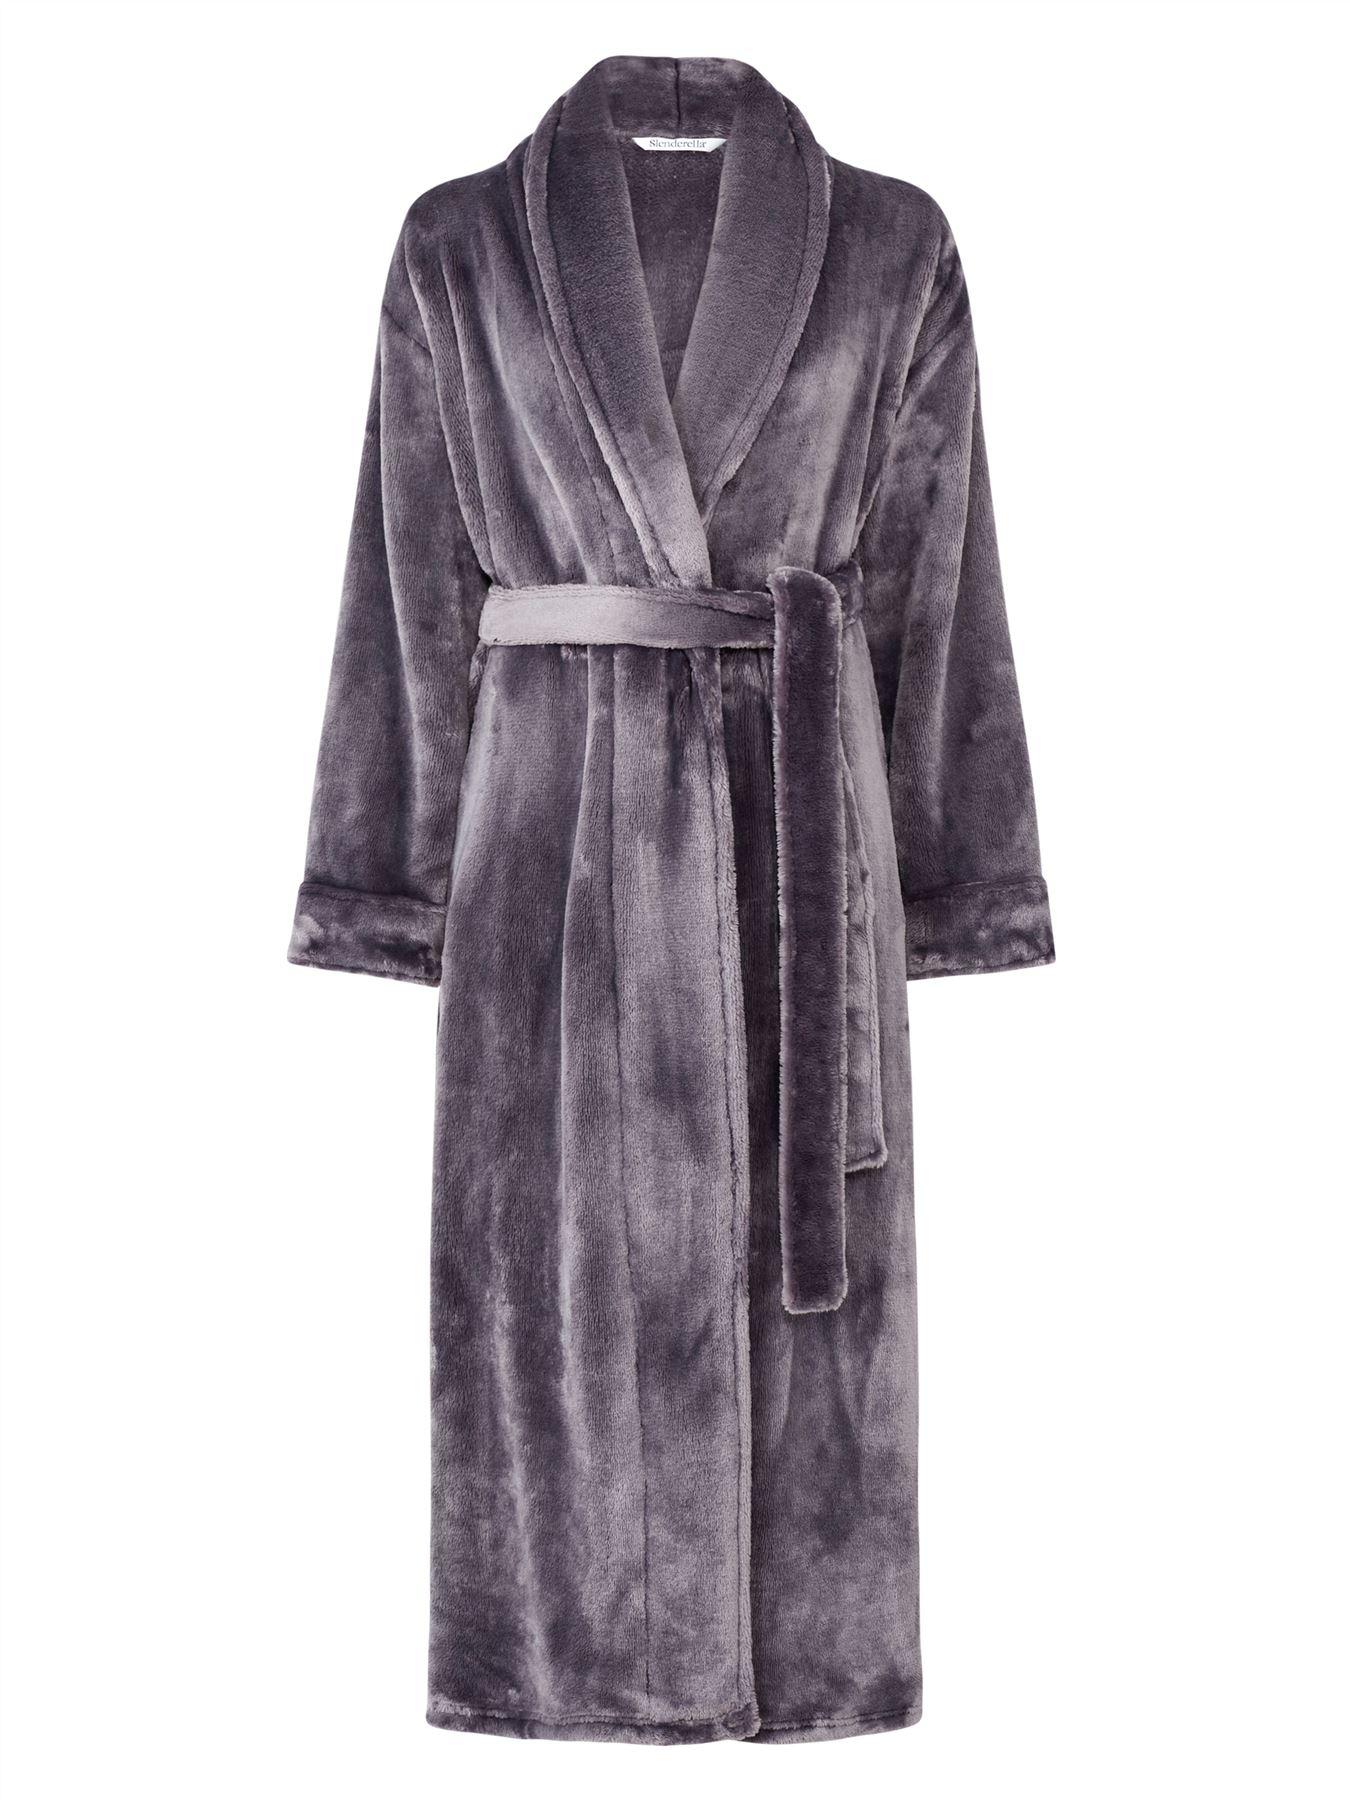 Slenderella-Womens-Housecoat-Luxury-Flannel-Warm-Fleece-Kkee-Lenght